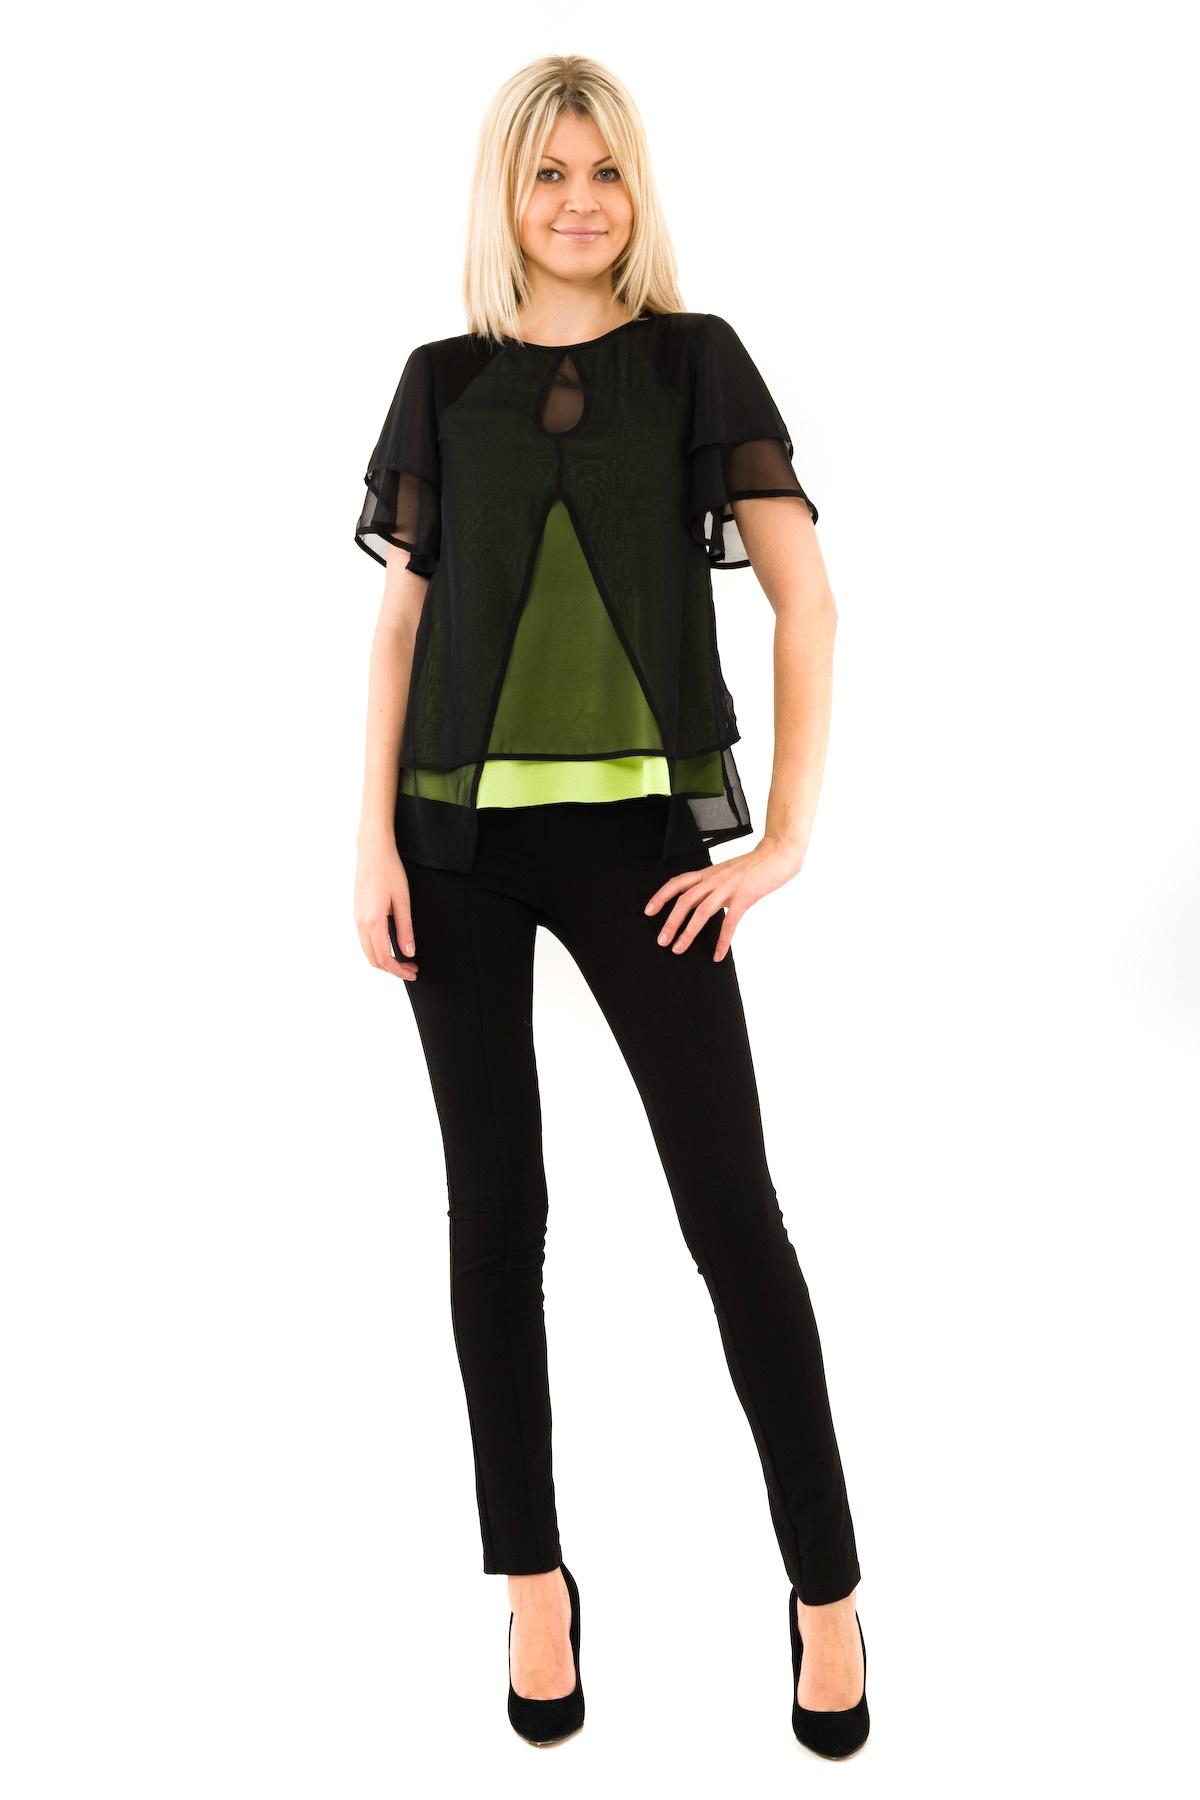 БлузаЖенские блузки<br>Привлекательная блузка создаст шикарный образ. Модель приталенного кроя выполнена с оригинальным многослойным эффектом. Будьте бесподобны в этом эффектном изделии.<br><br>Цвет: черный,лайм<br>Состав: 100% полиэстер<br>Размер: 40,42,44,46,48,50,52,54,56,58,60<br>Страна дизайна: Россия<br>Страна производства: Россия